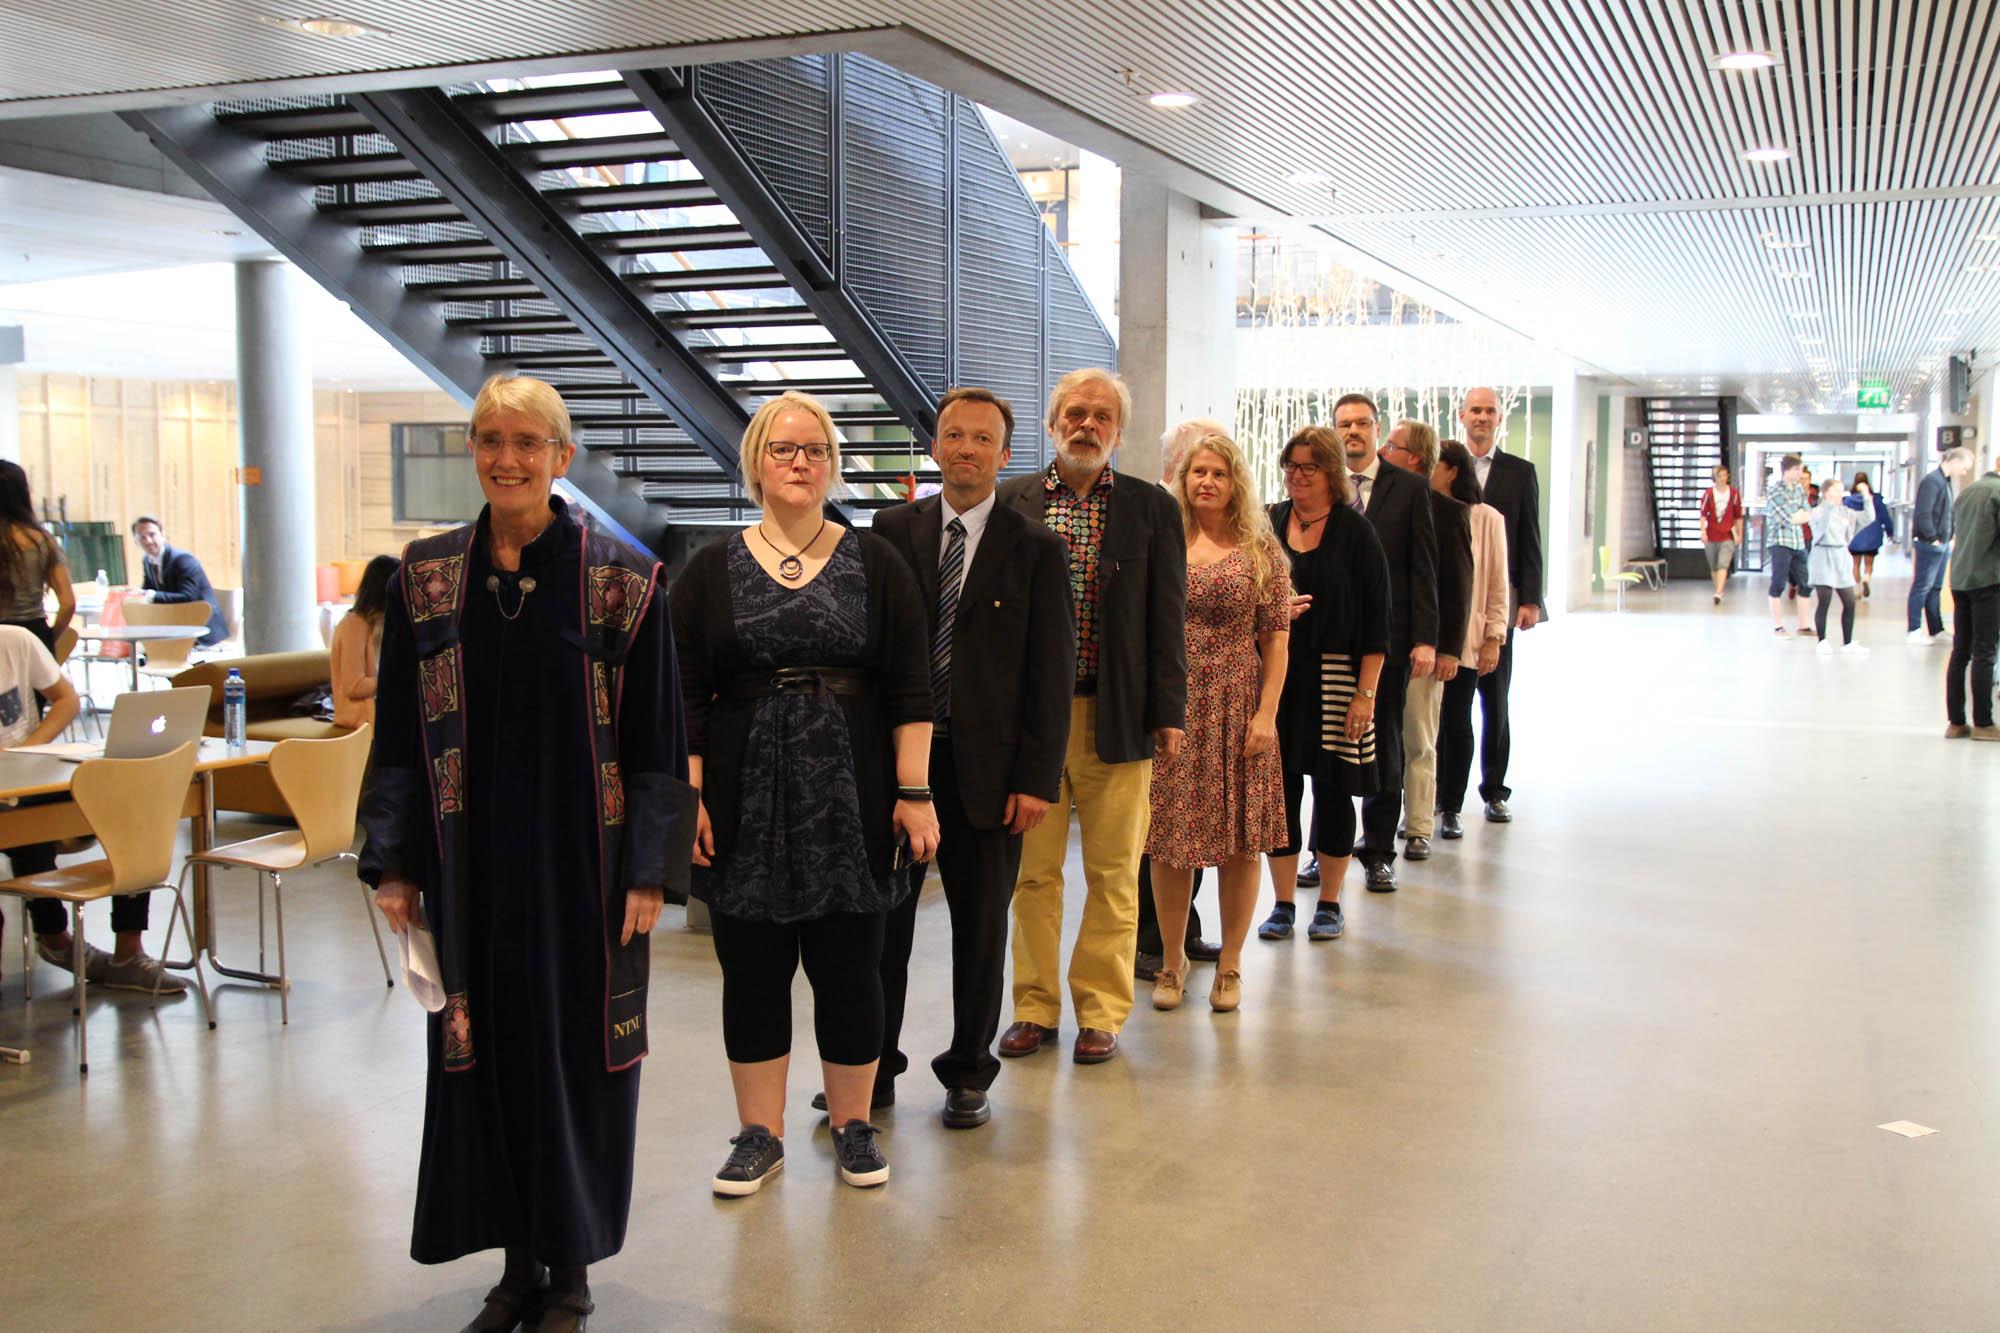 Fakultetsledelse og vitenskapelig ansatte møter opp for å hilse studentene velkommen. Når den akademiske prosesjon kommer inn i auditoret, reiser alle i salen seg. Foto: Pernille Feilberg.